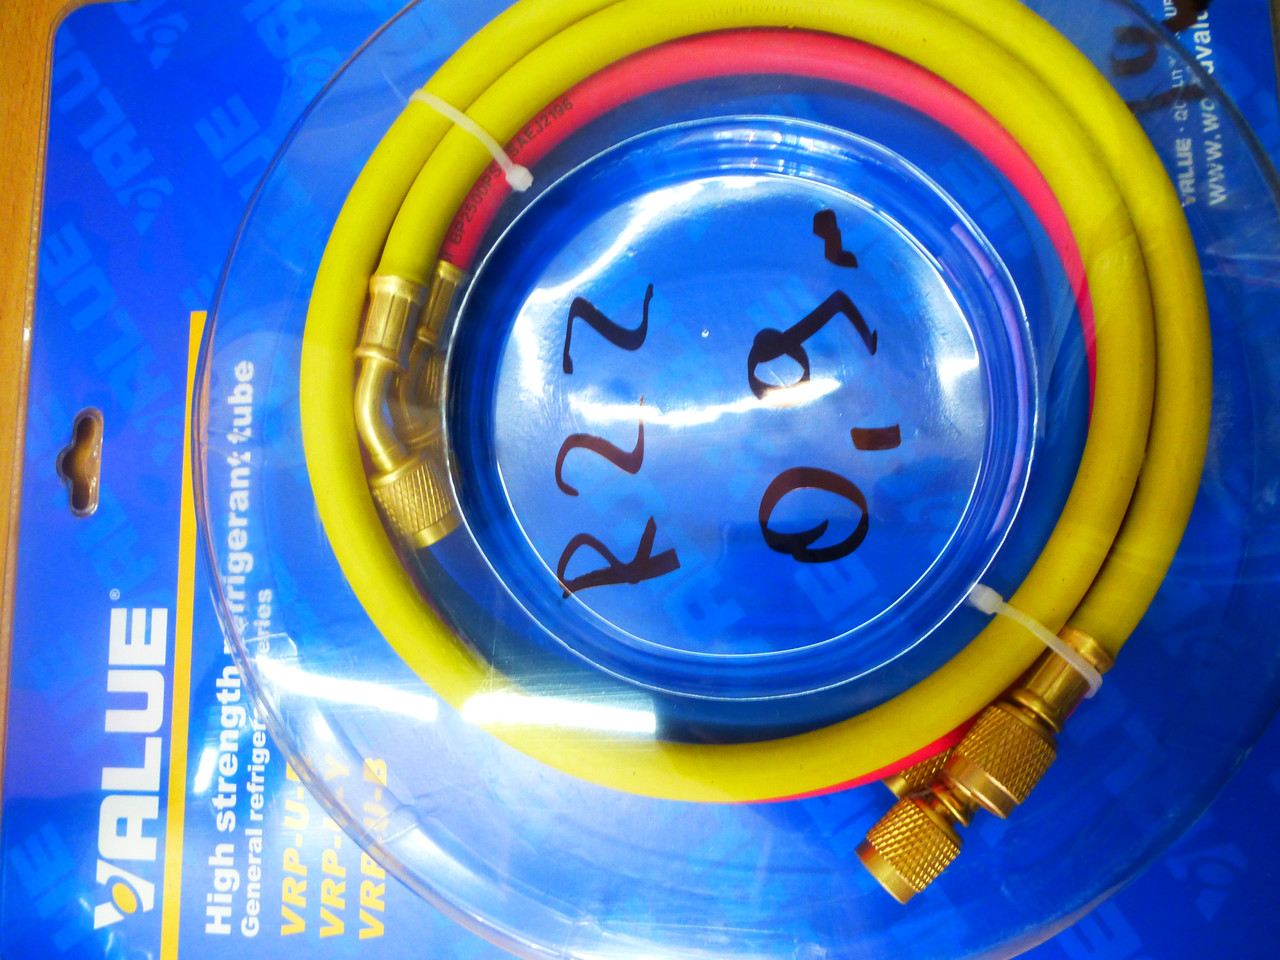 Комплект заправочных шлангов  VALUE  R 410 -1,5м , 3 шт